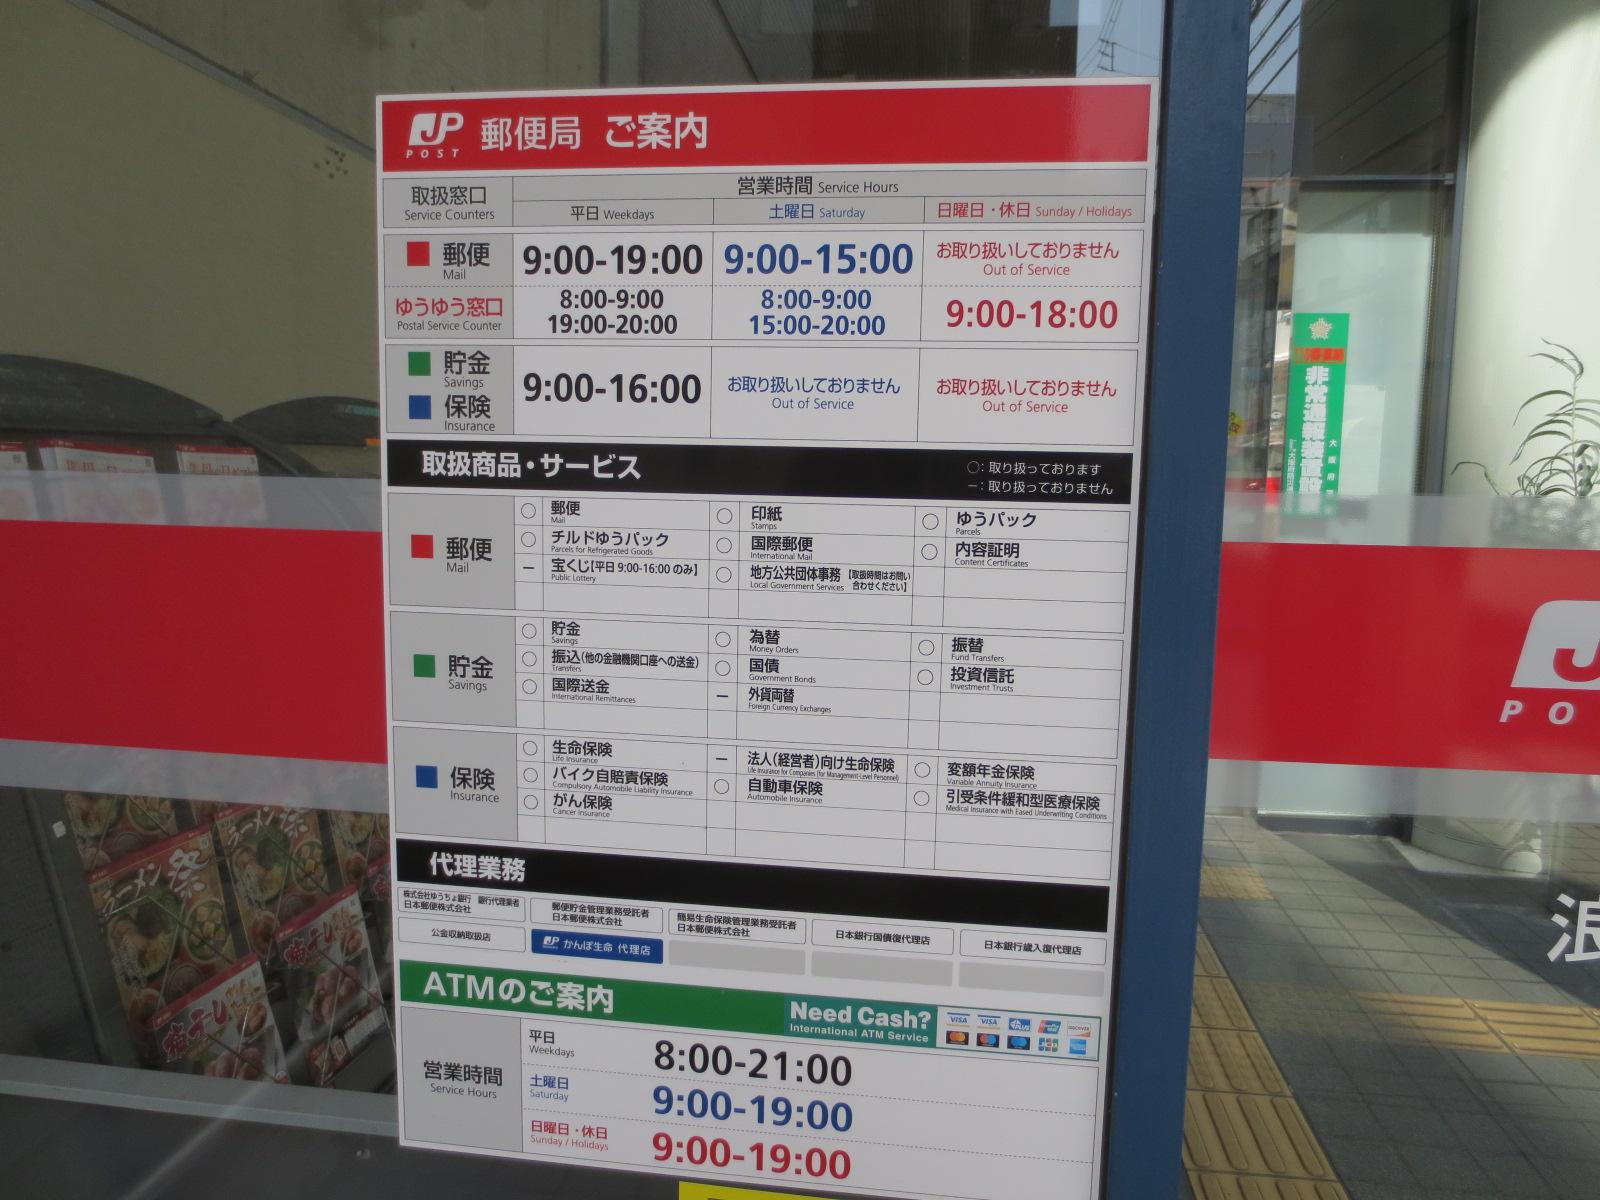 浪速郵便局:営業時間